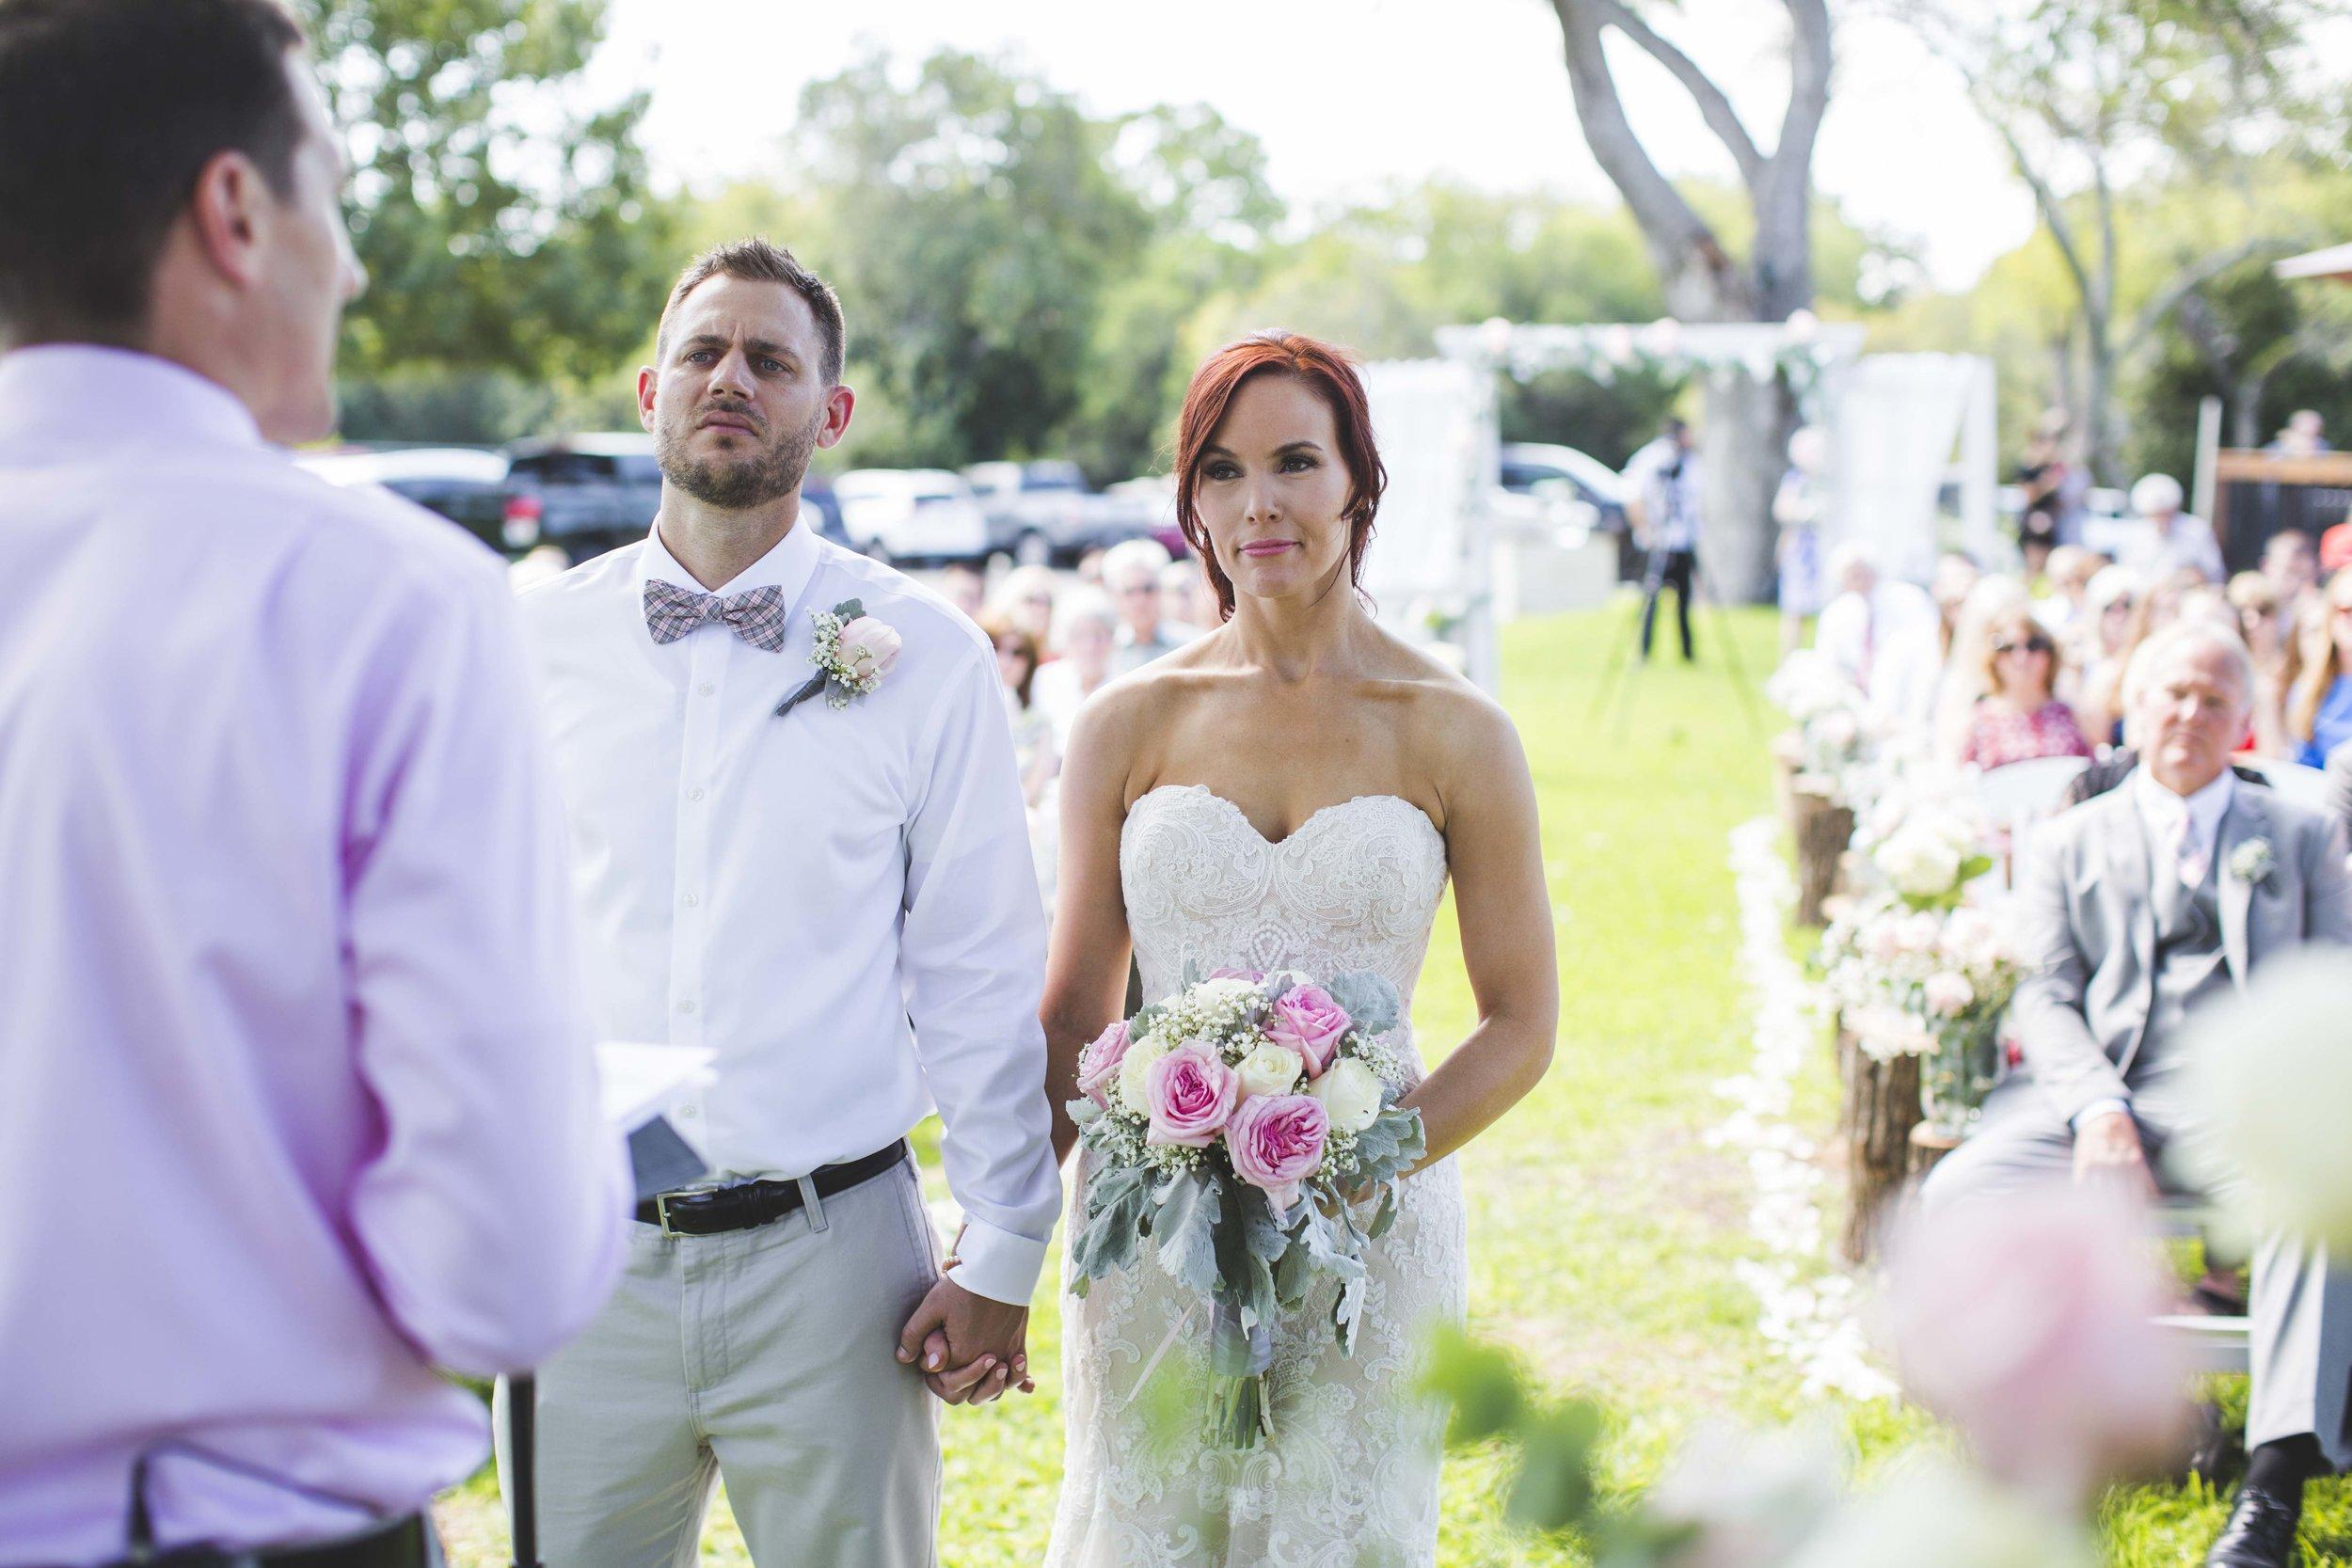 ATGI_Susanna & Matt Wedding_717A7724.jpg